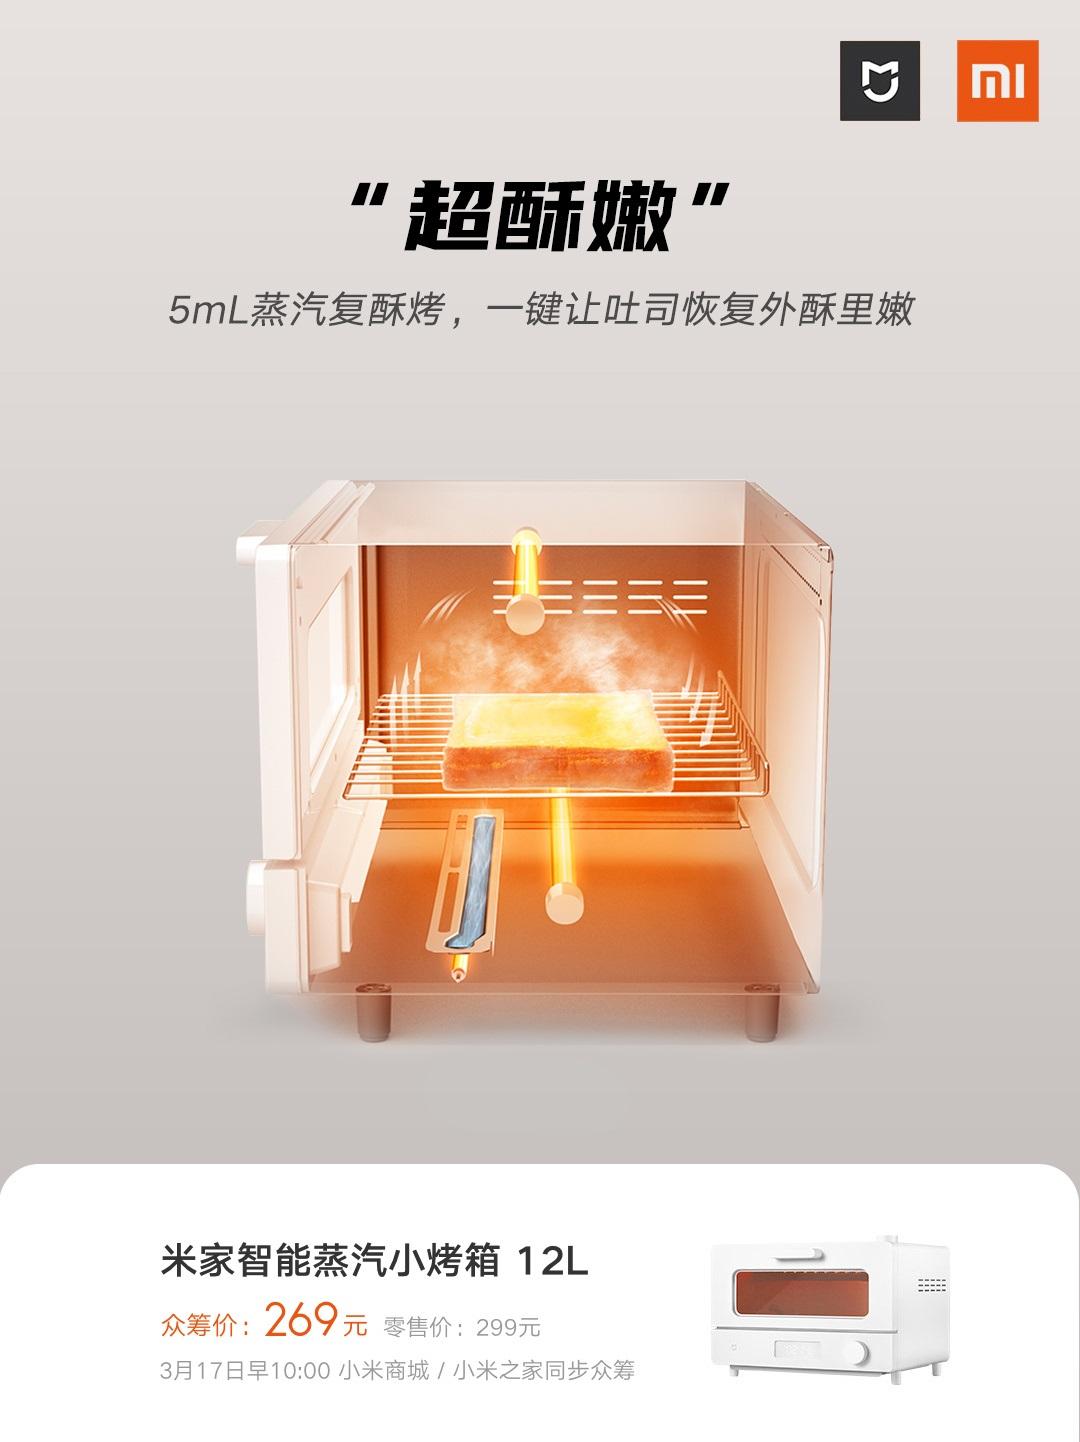 米家智能蒸汽小烤箱12L发布 采用NTC智能电子控温技术